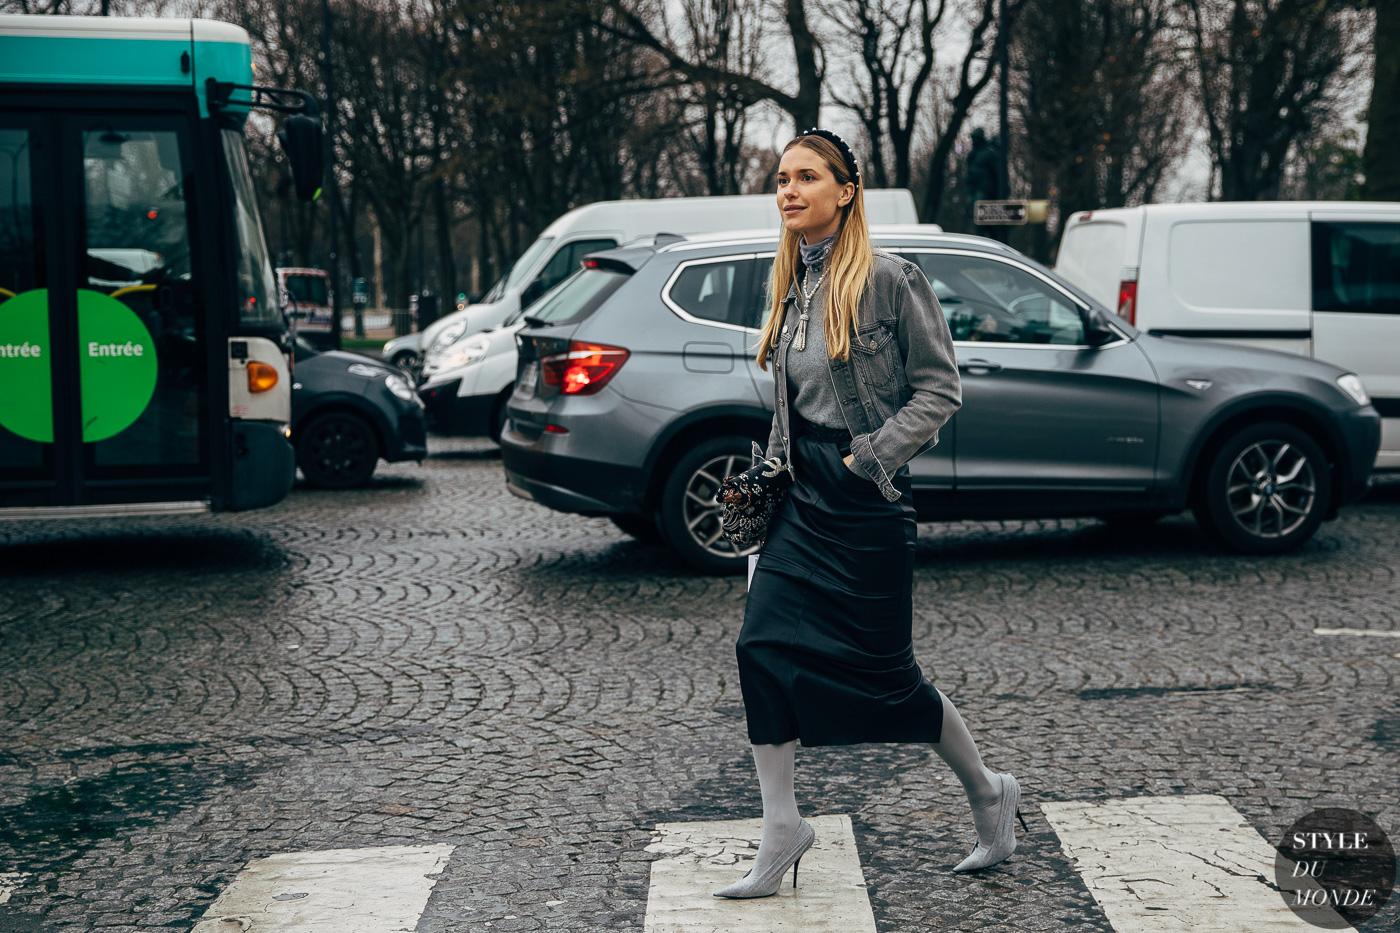 Pernille Teisbaek mặc denim jacket xám, áo cổ lọ xám, chân váy bút chì đen, bốt, vòng cổ ngọc trai và băng đô đen đính ngọc trai tại show diễn của thương hiệu chanel 2018